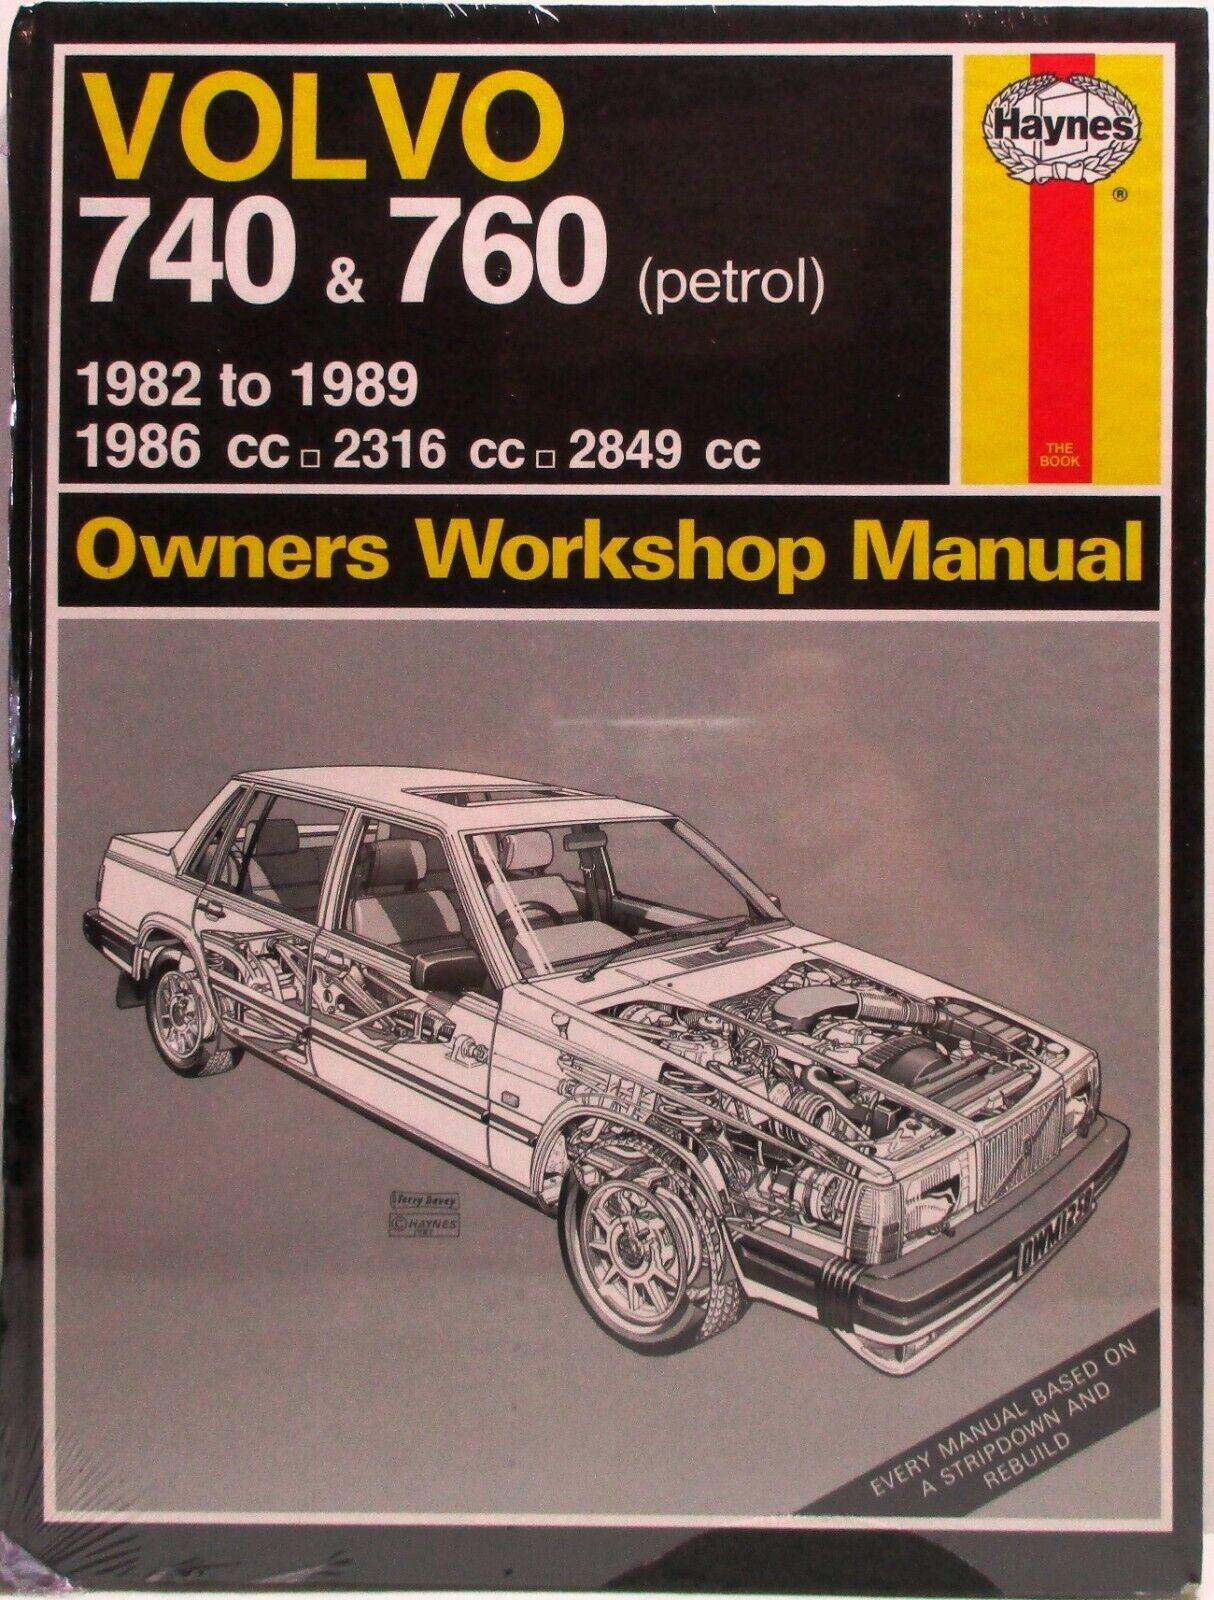 Haynes Workshop Manual Volvo 740 Volvo 760 Petrol 1982-1991 New Service Repair